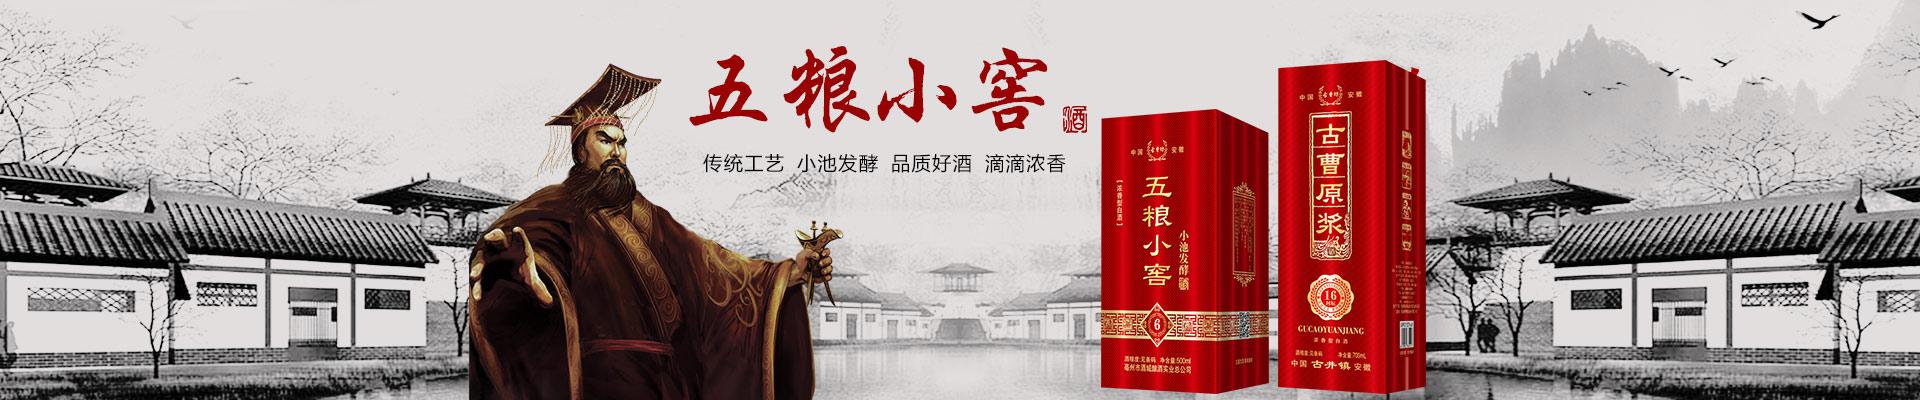 安徽省亳州市酒城酿酒实业总公司